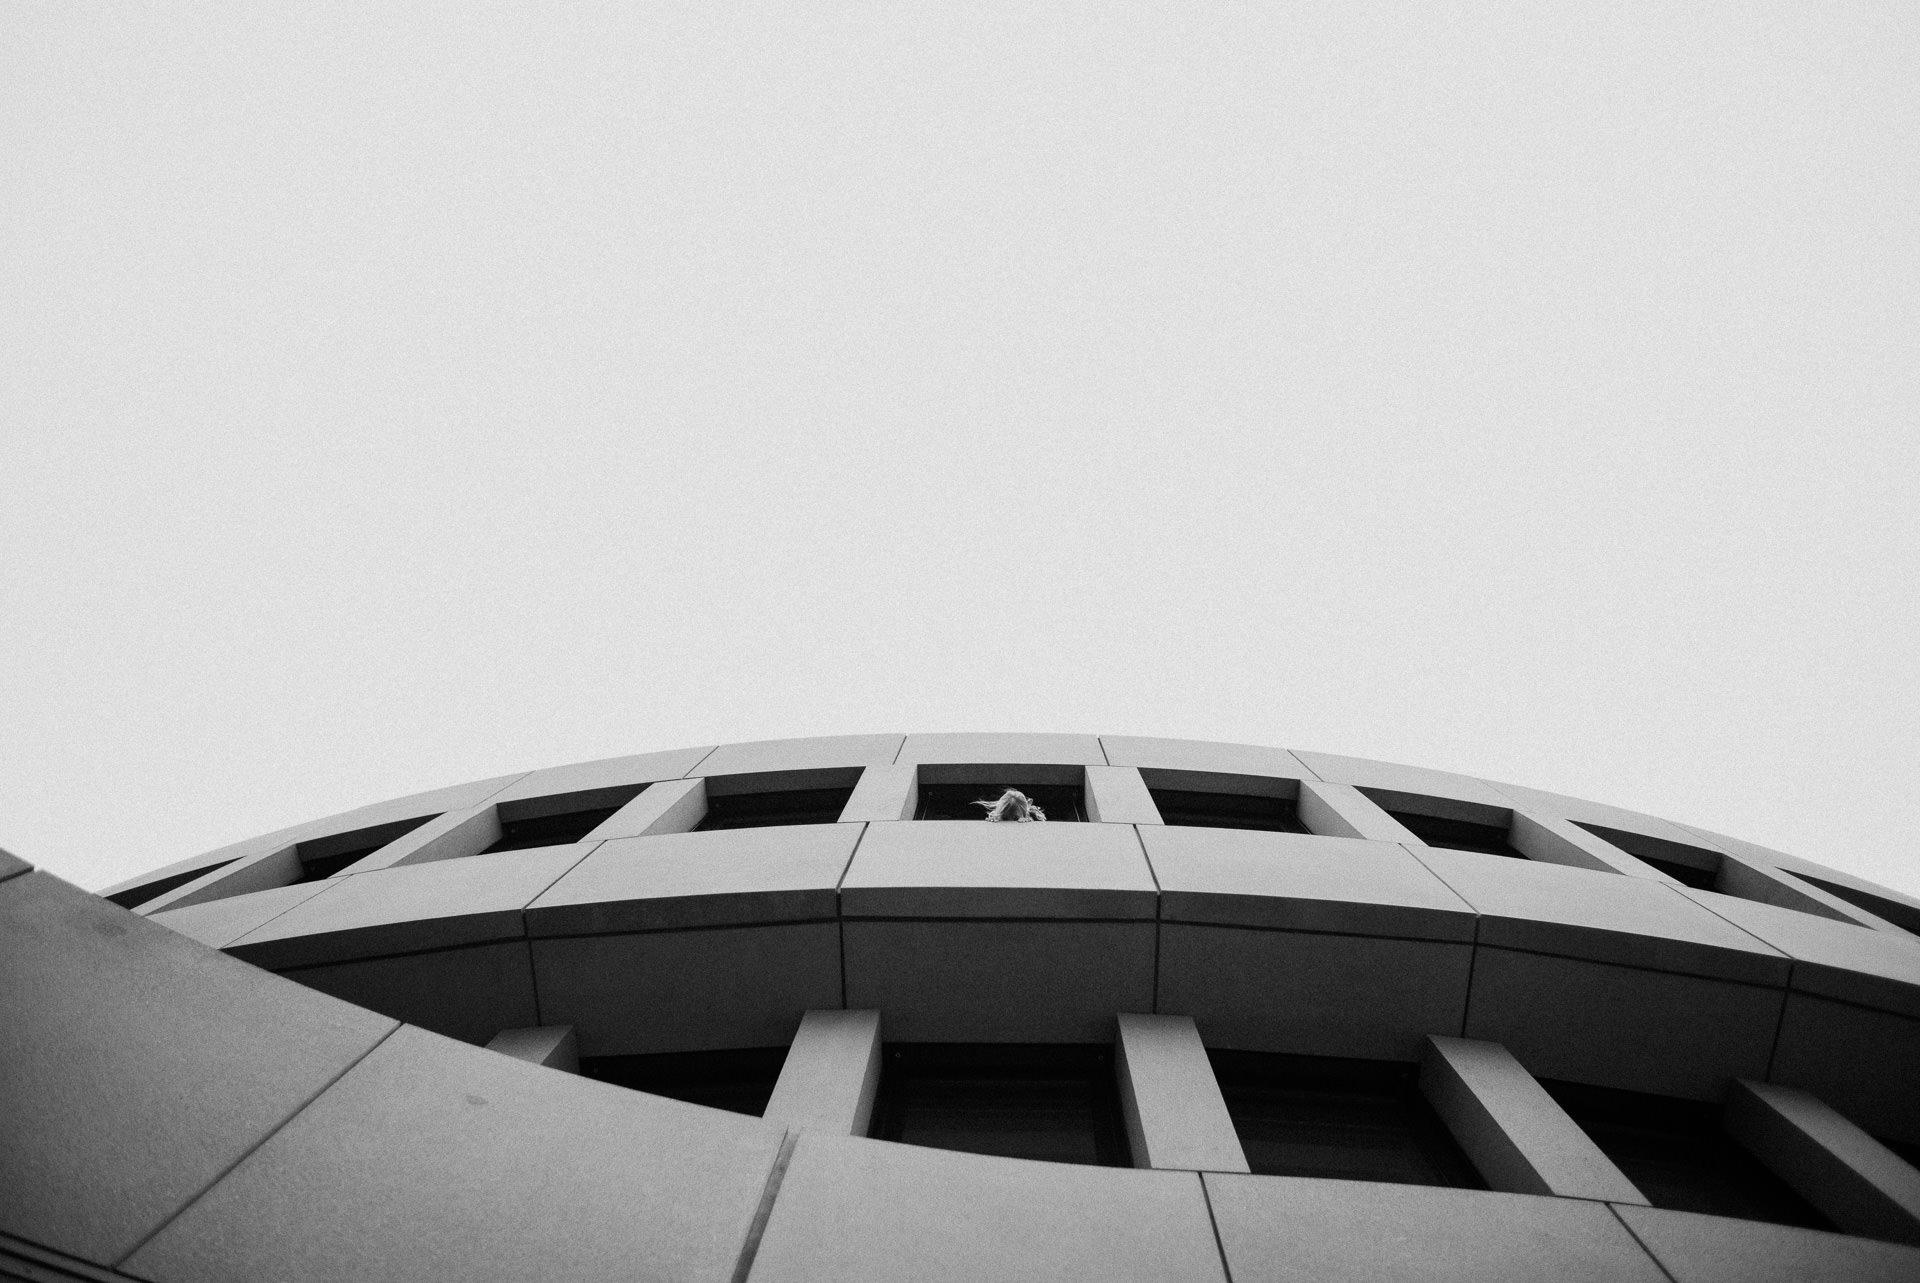 Erster-Tag-mit-der-Leica-M (23 von 40)